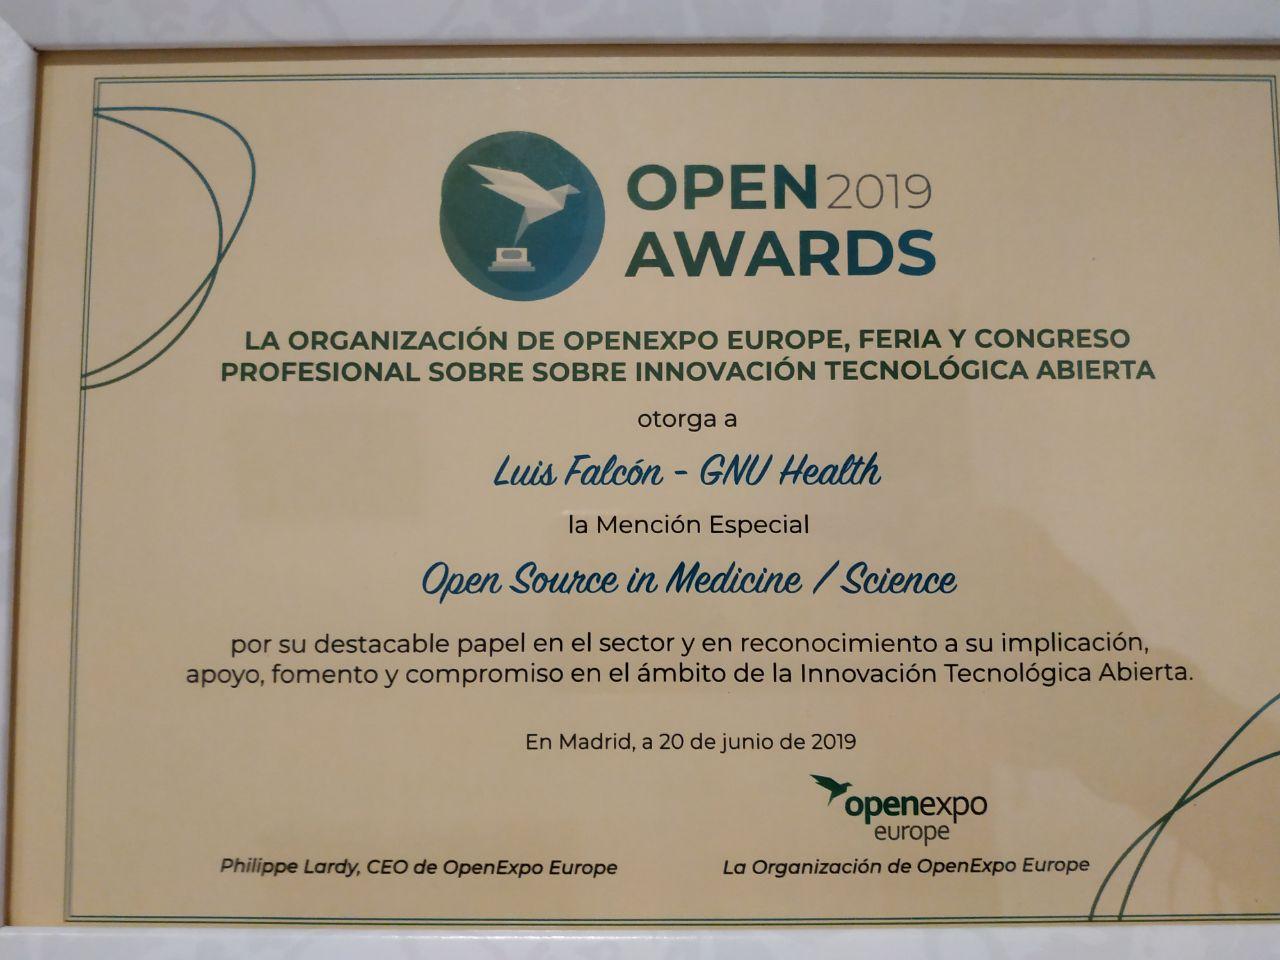 Openaward 2019a Luis Falcon en Medicina y Ciencia